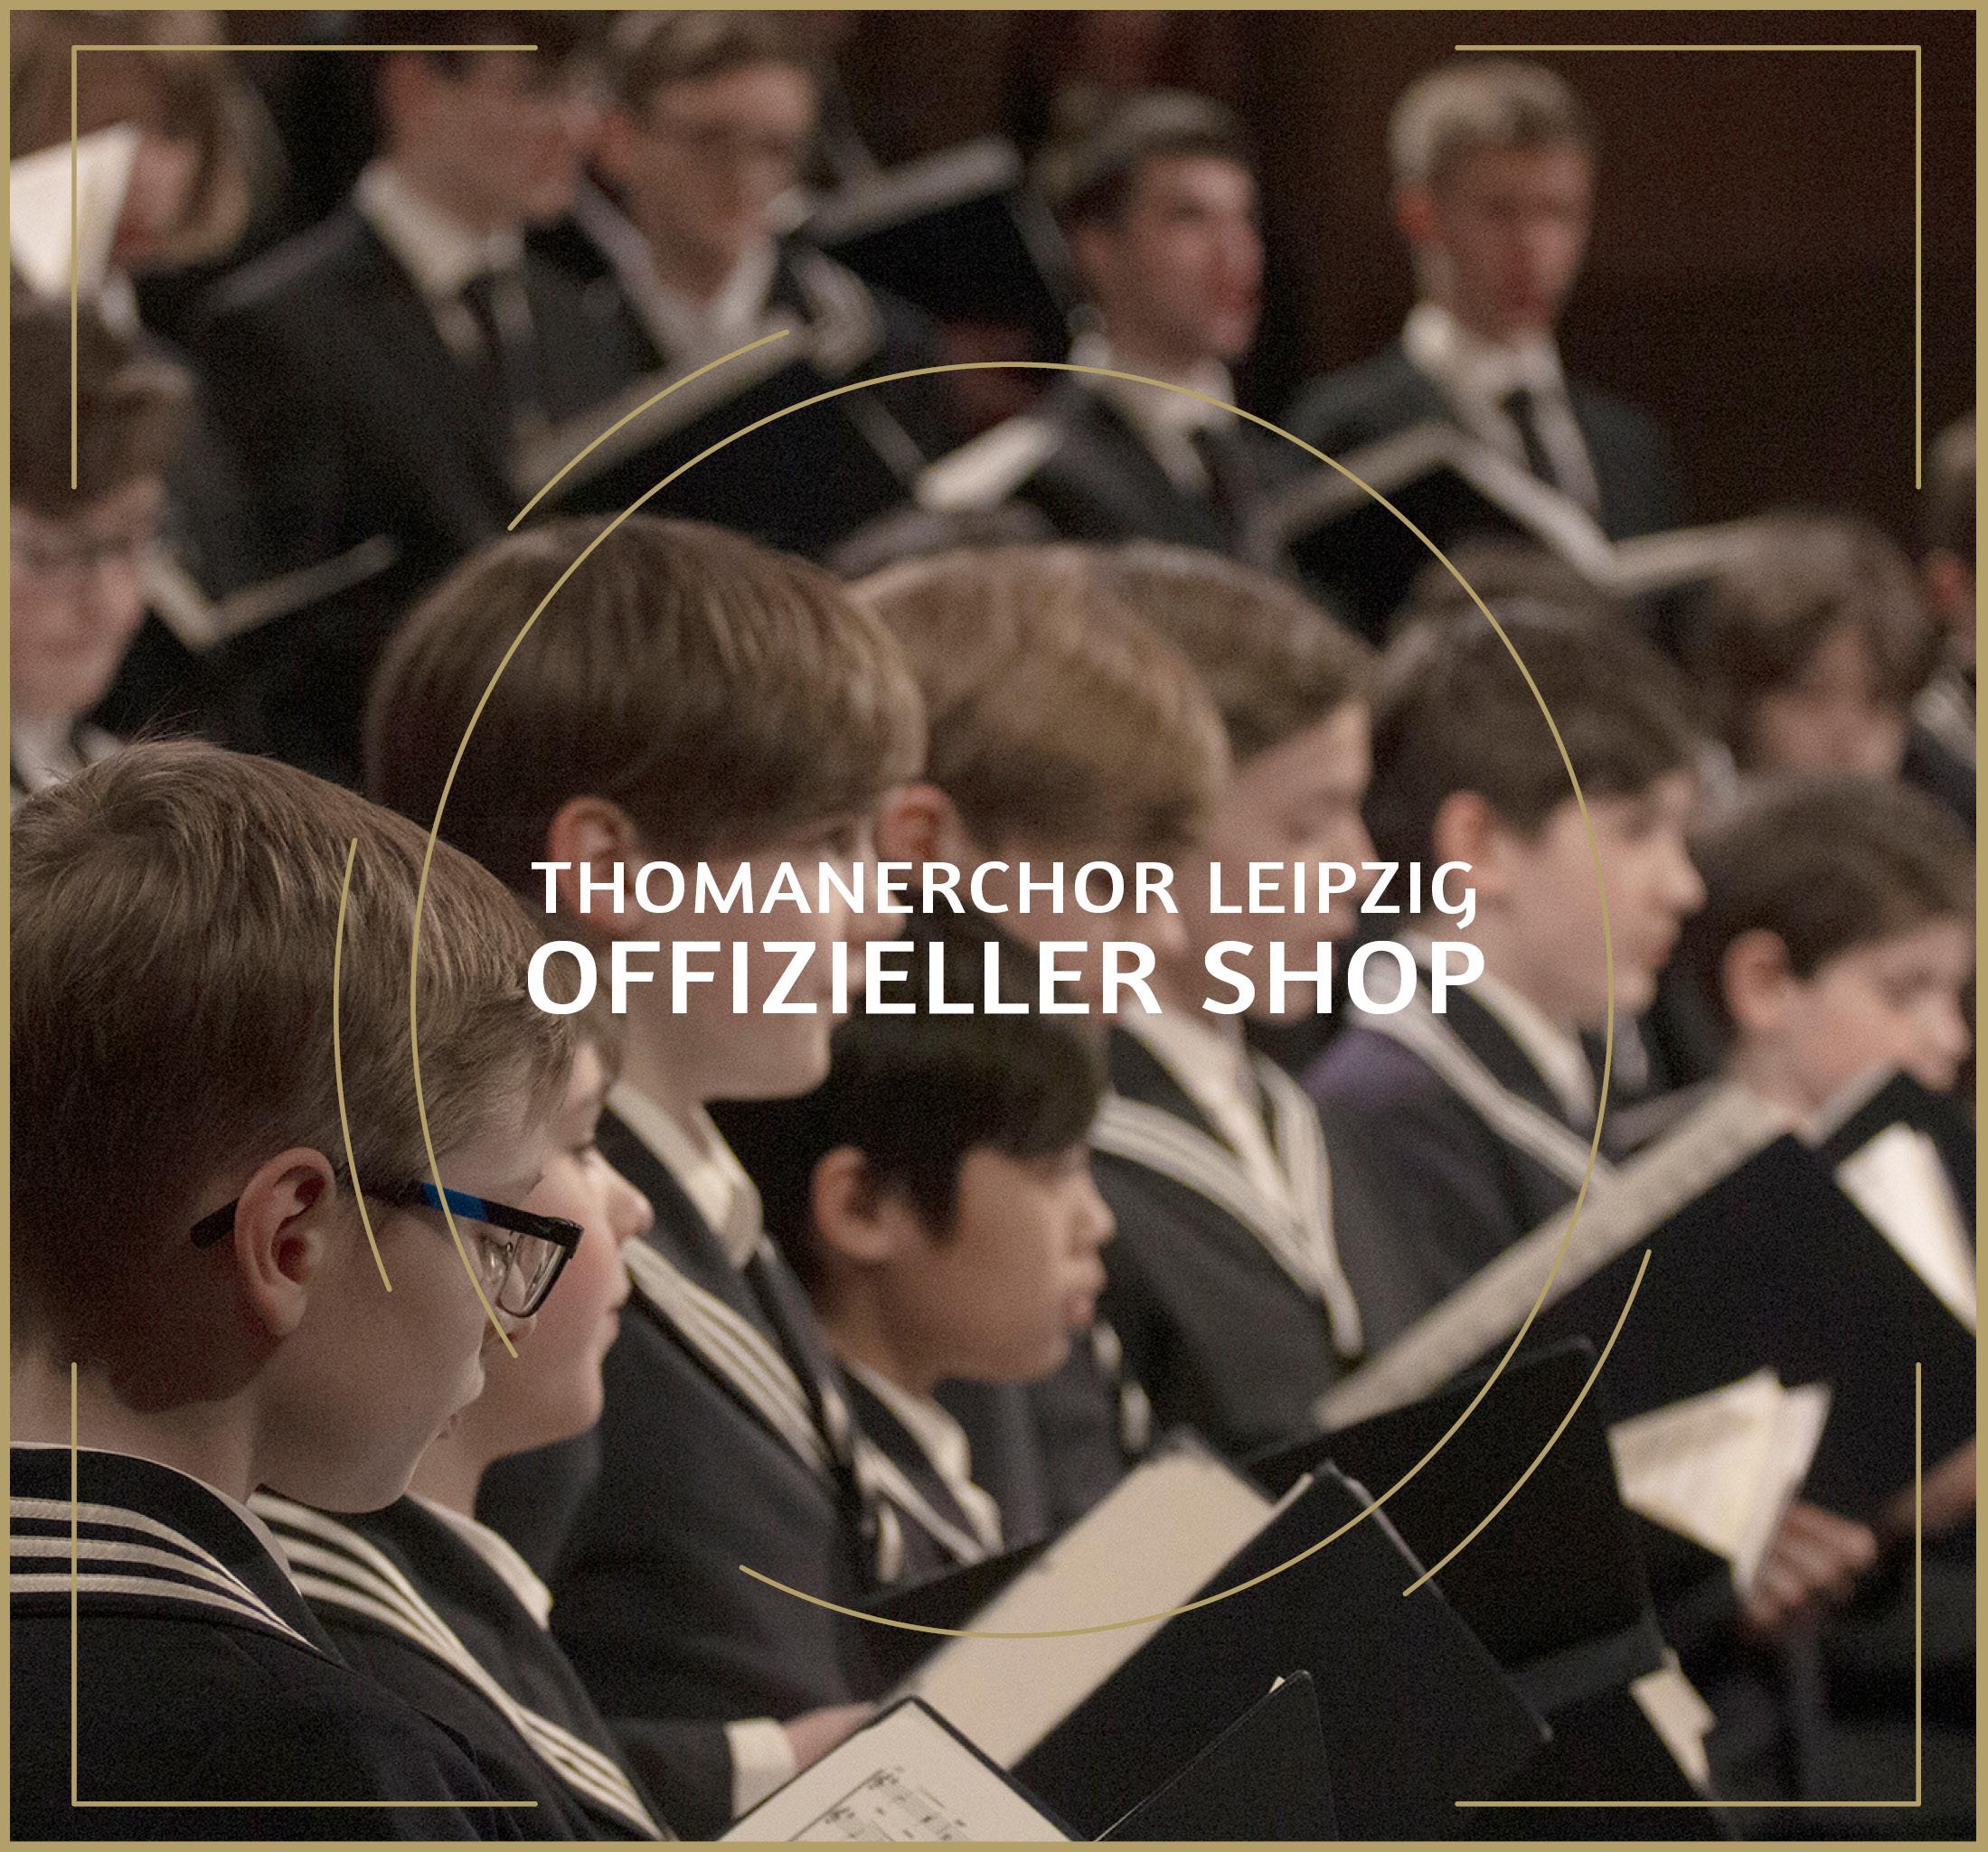 offizieller Onlineshop Thomanerchor Leipzig